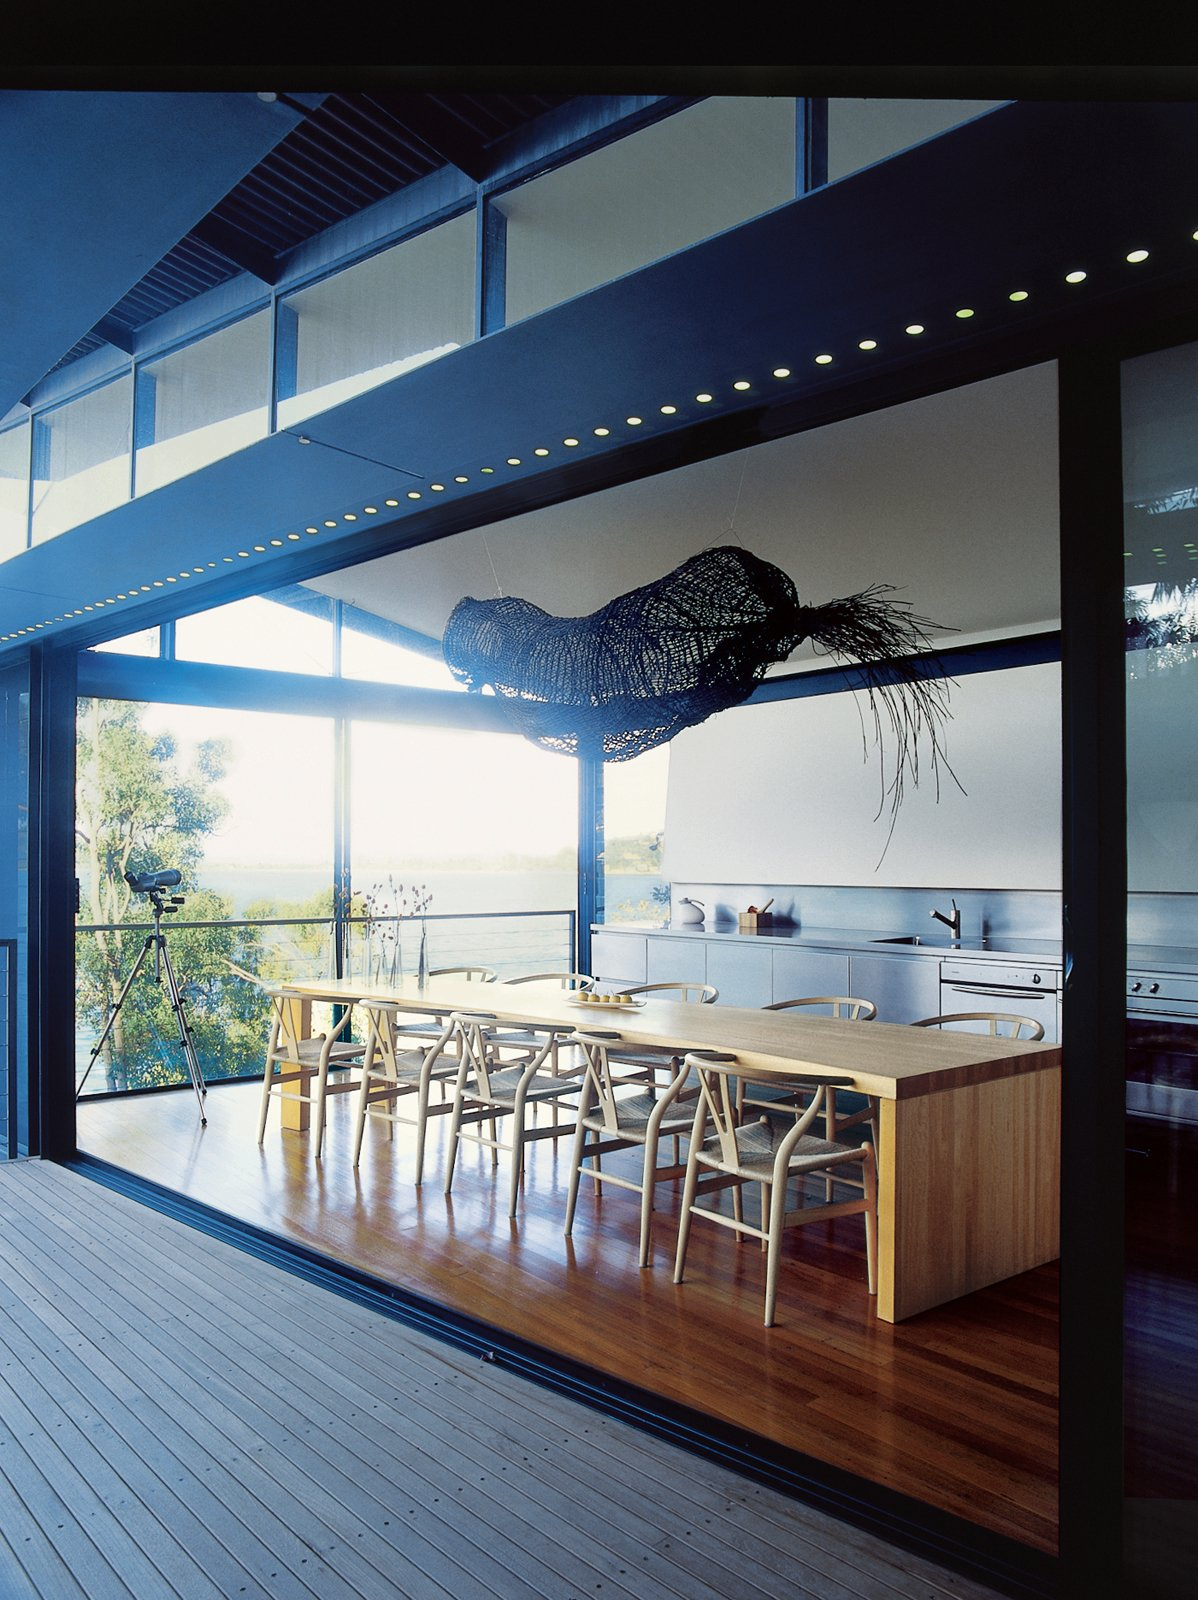 ૠ Tagged: Medium Hardwood Floor, Dining Room, Chair, and Table.  Kitchen by Lara Deam from Three Glass-and-Copper Pavilions Conquer the Cliffs